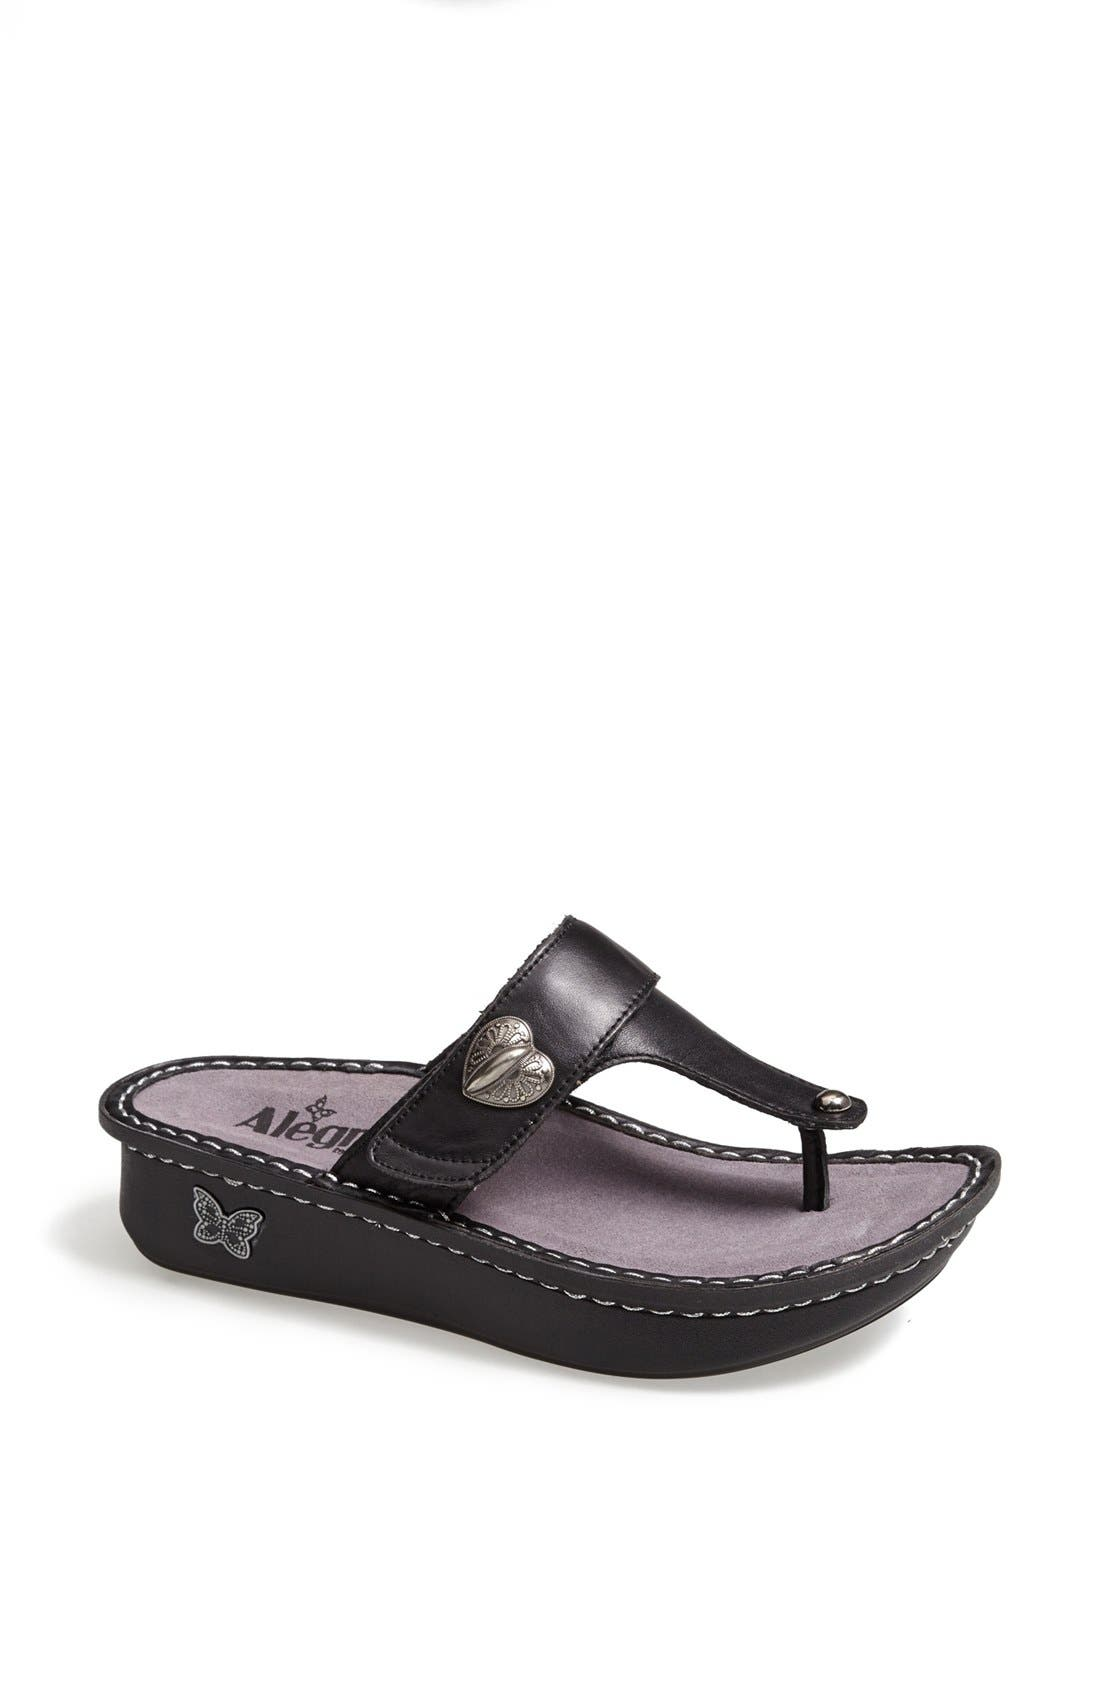 Main Image - Alegria 'Carina' Sandal